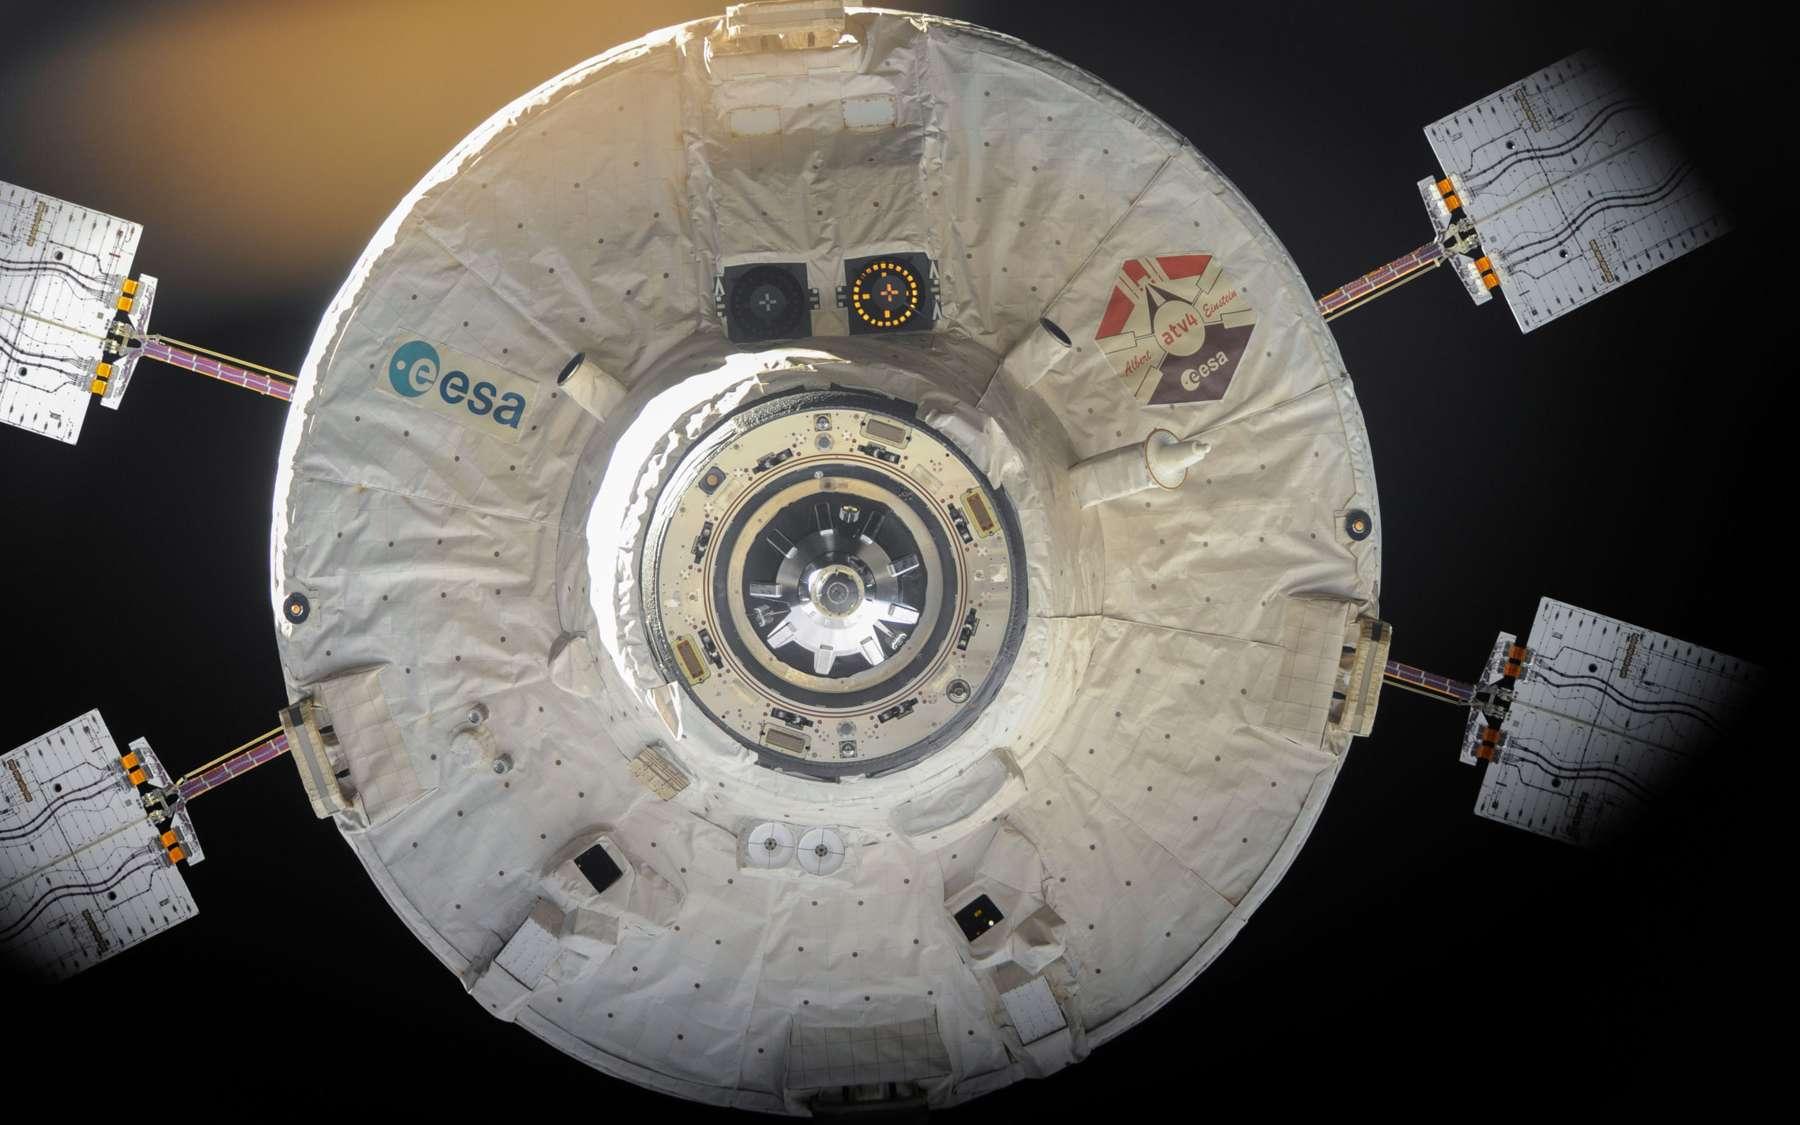 Départ de l'ATV-4 Albert Einstein de la Station spatiale internationale. Le 28 octobre, il s'est décroché de la partie russe du complexe orbital. © Nasa